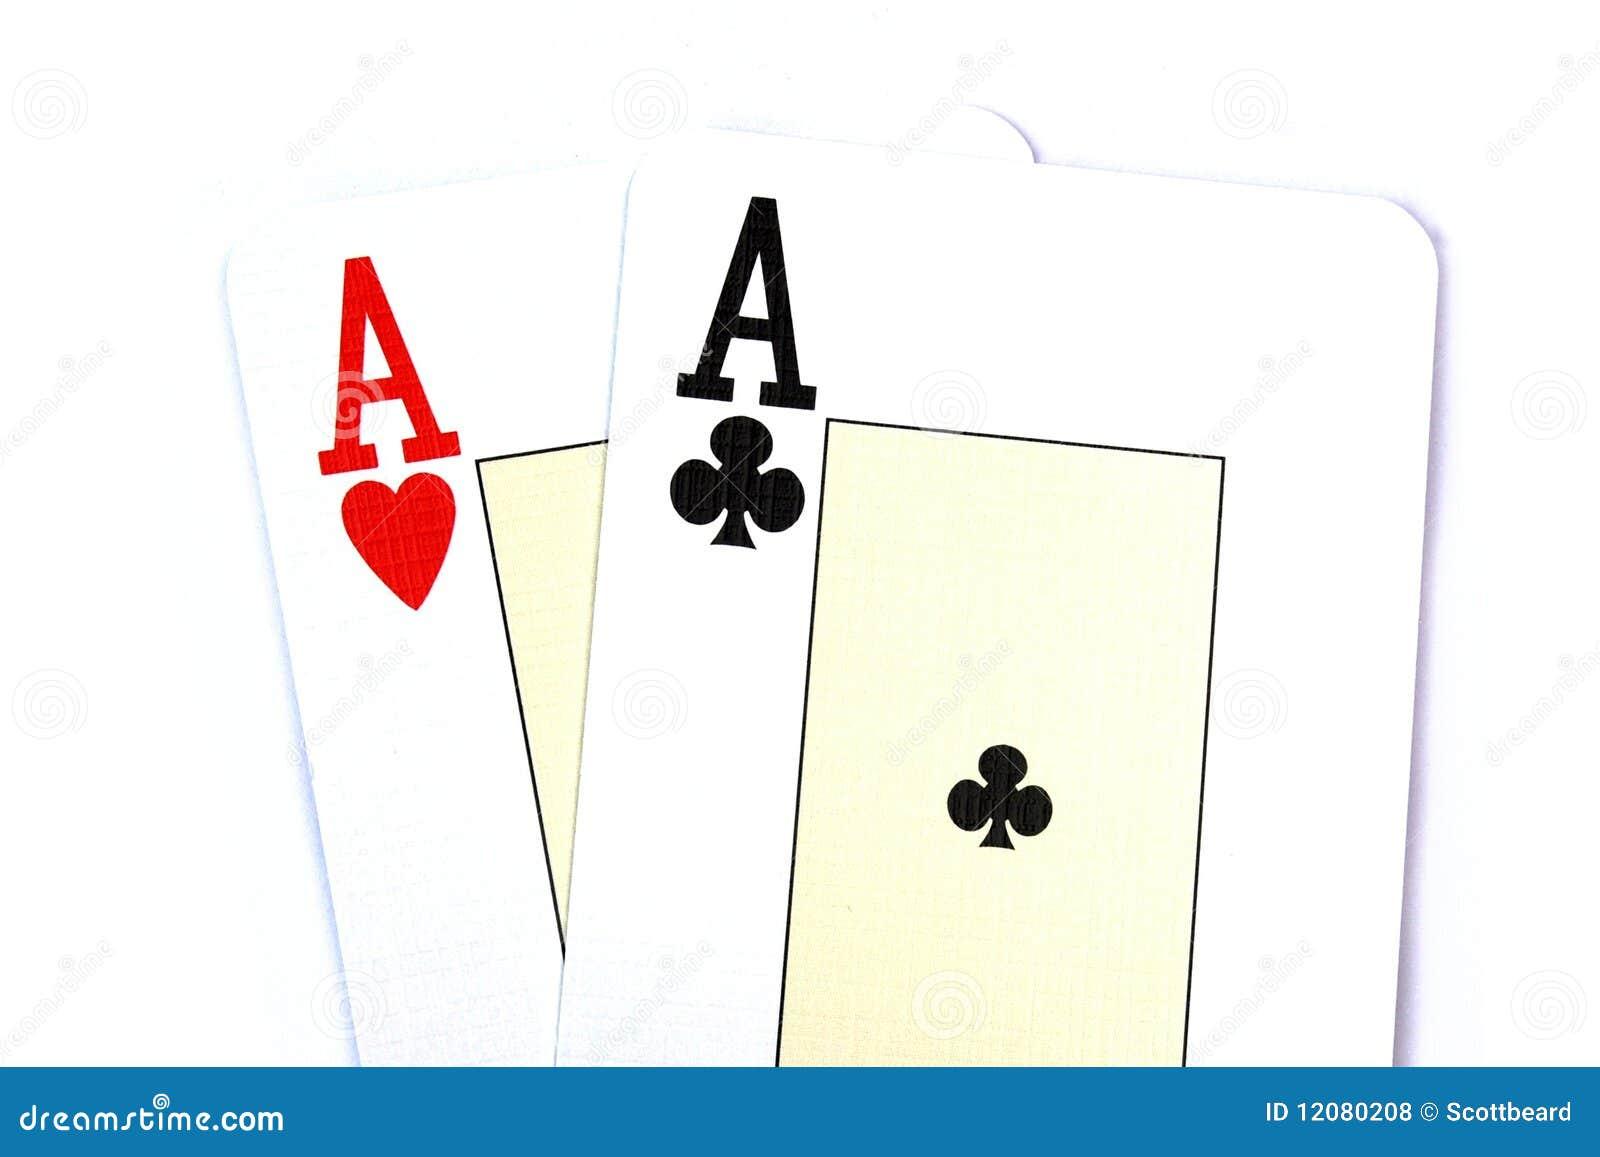 Pokie house casino